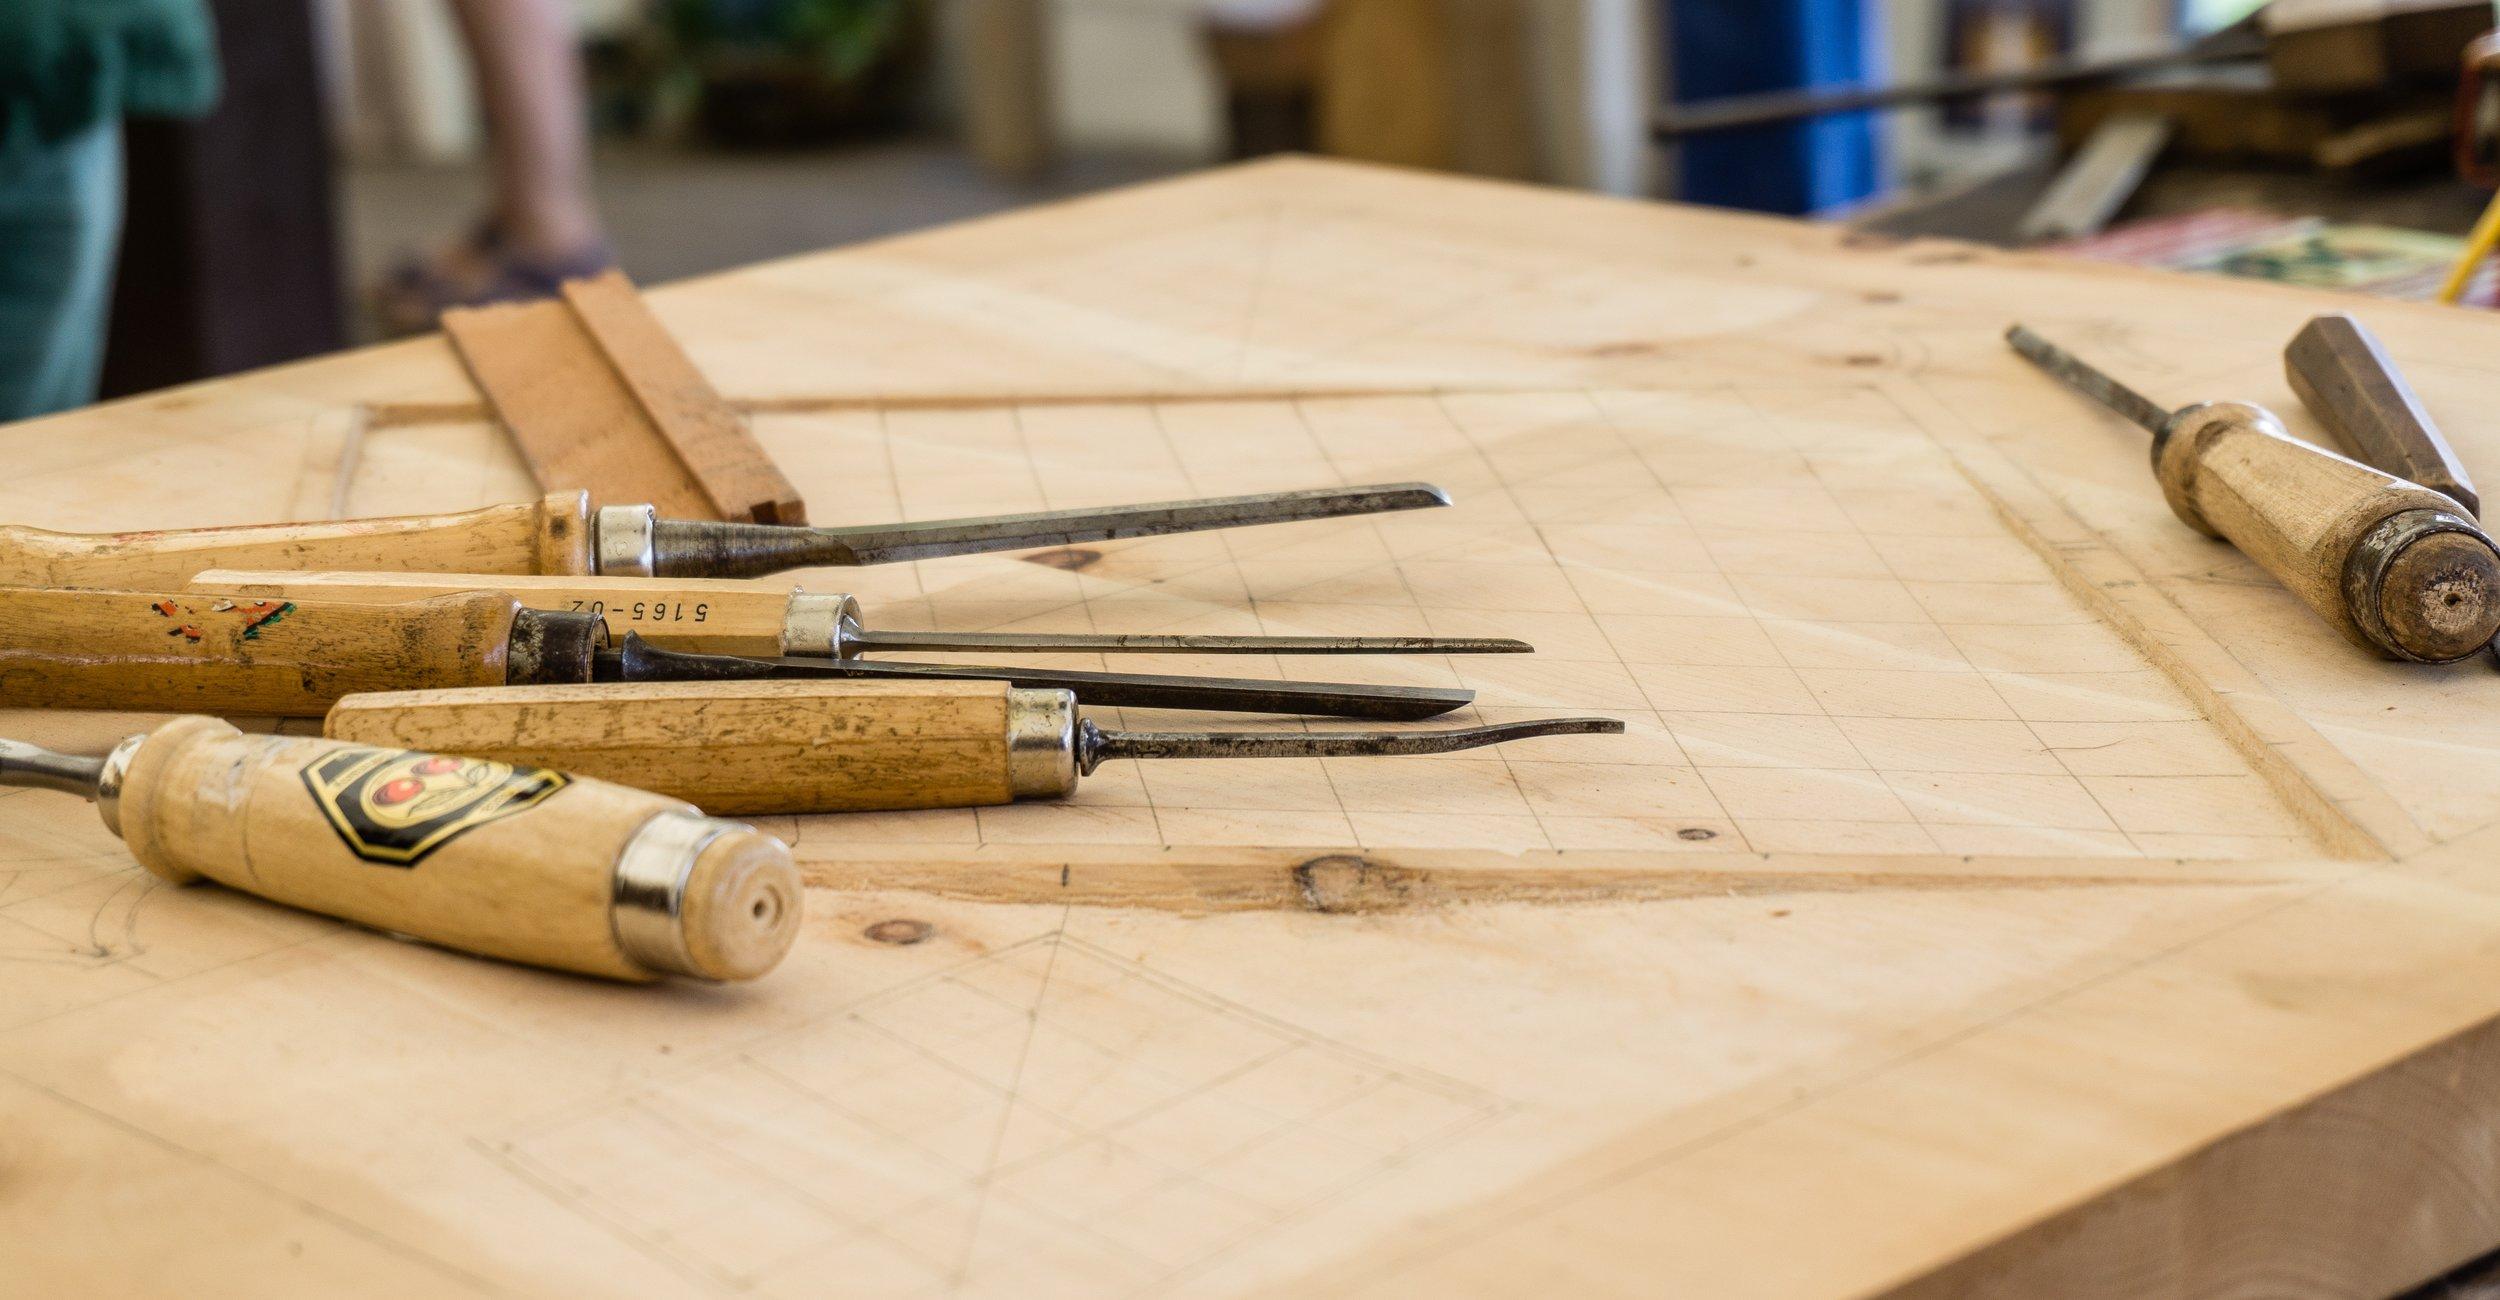 Verktyg och vertygsskär - Vi slipar de flesta verktyg.